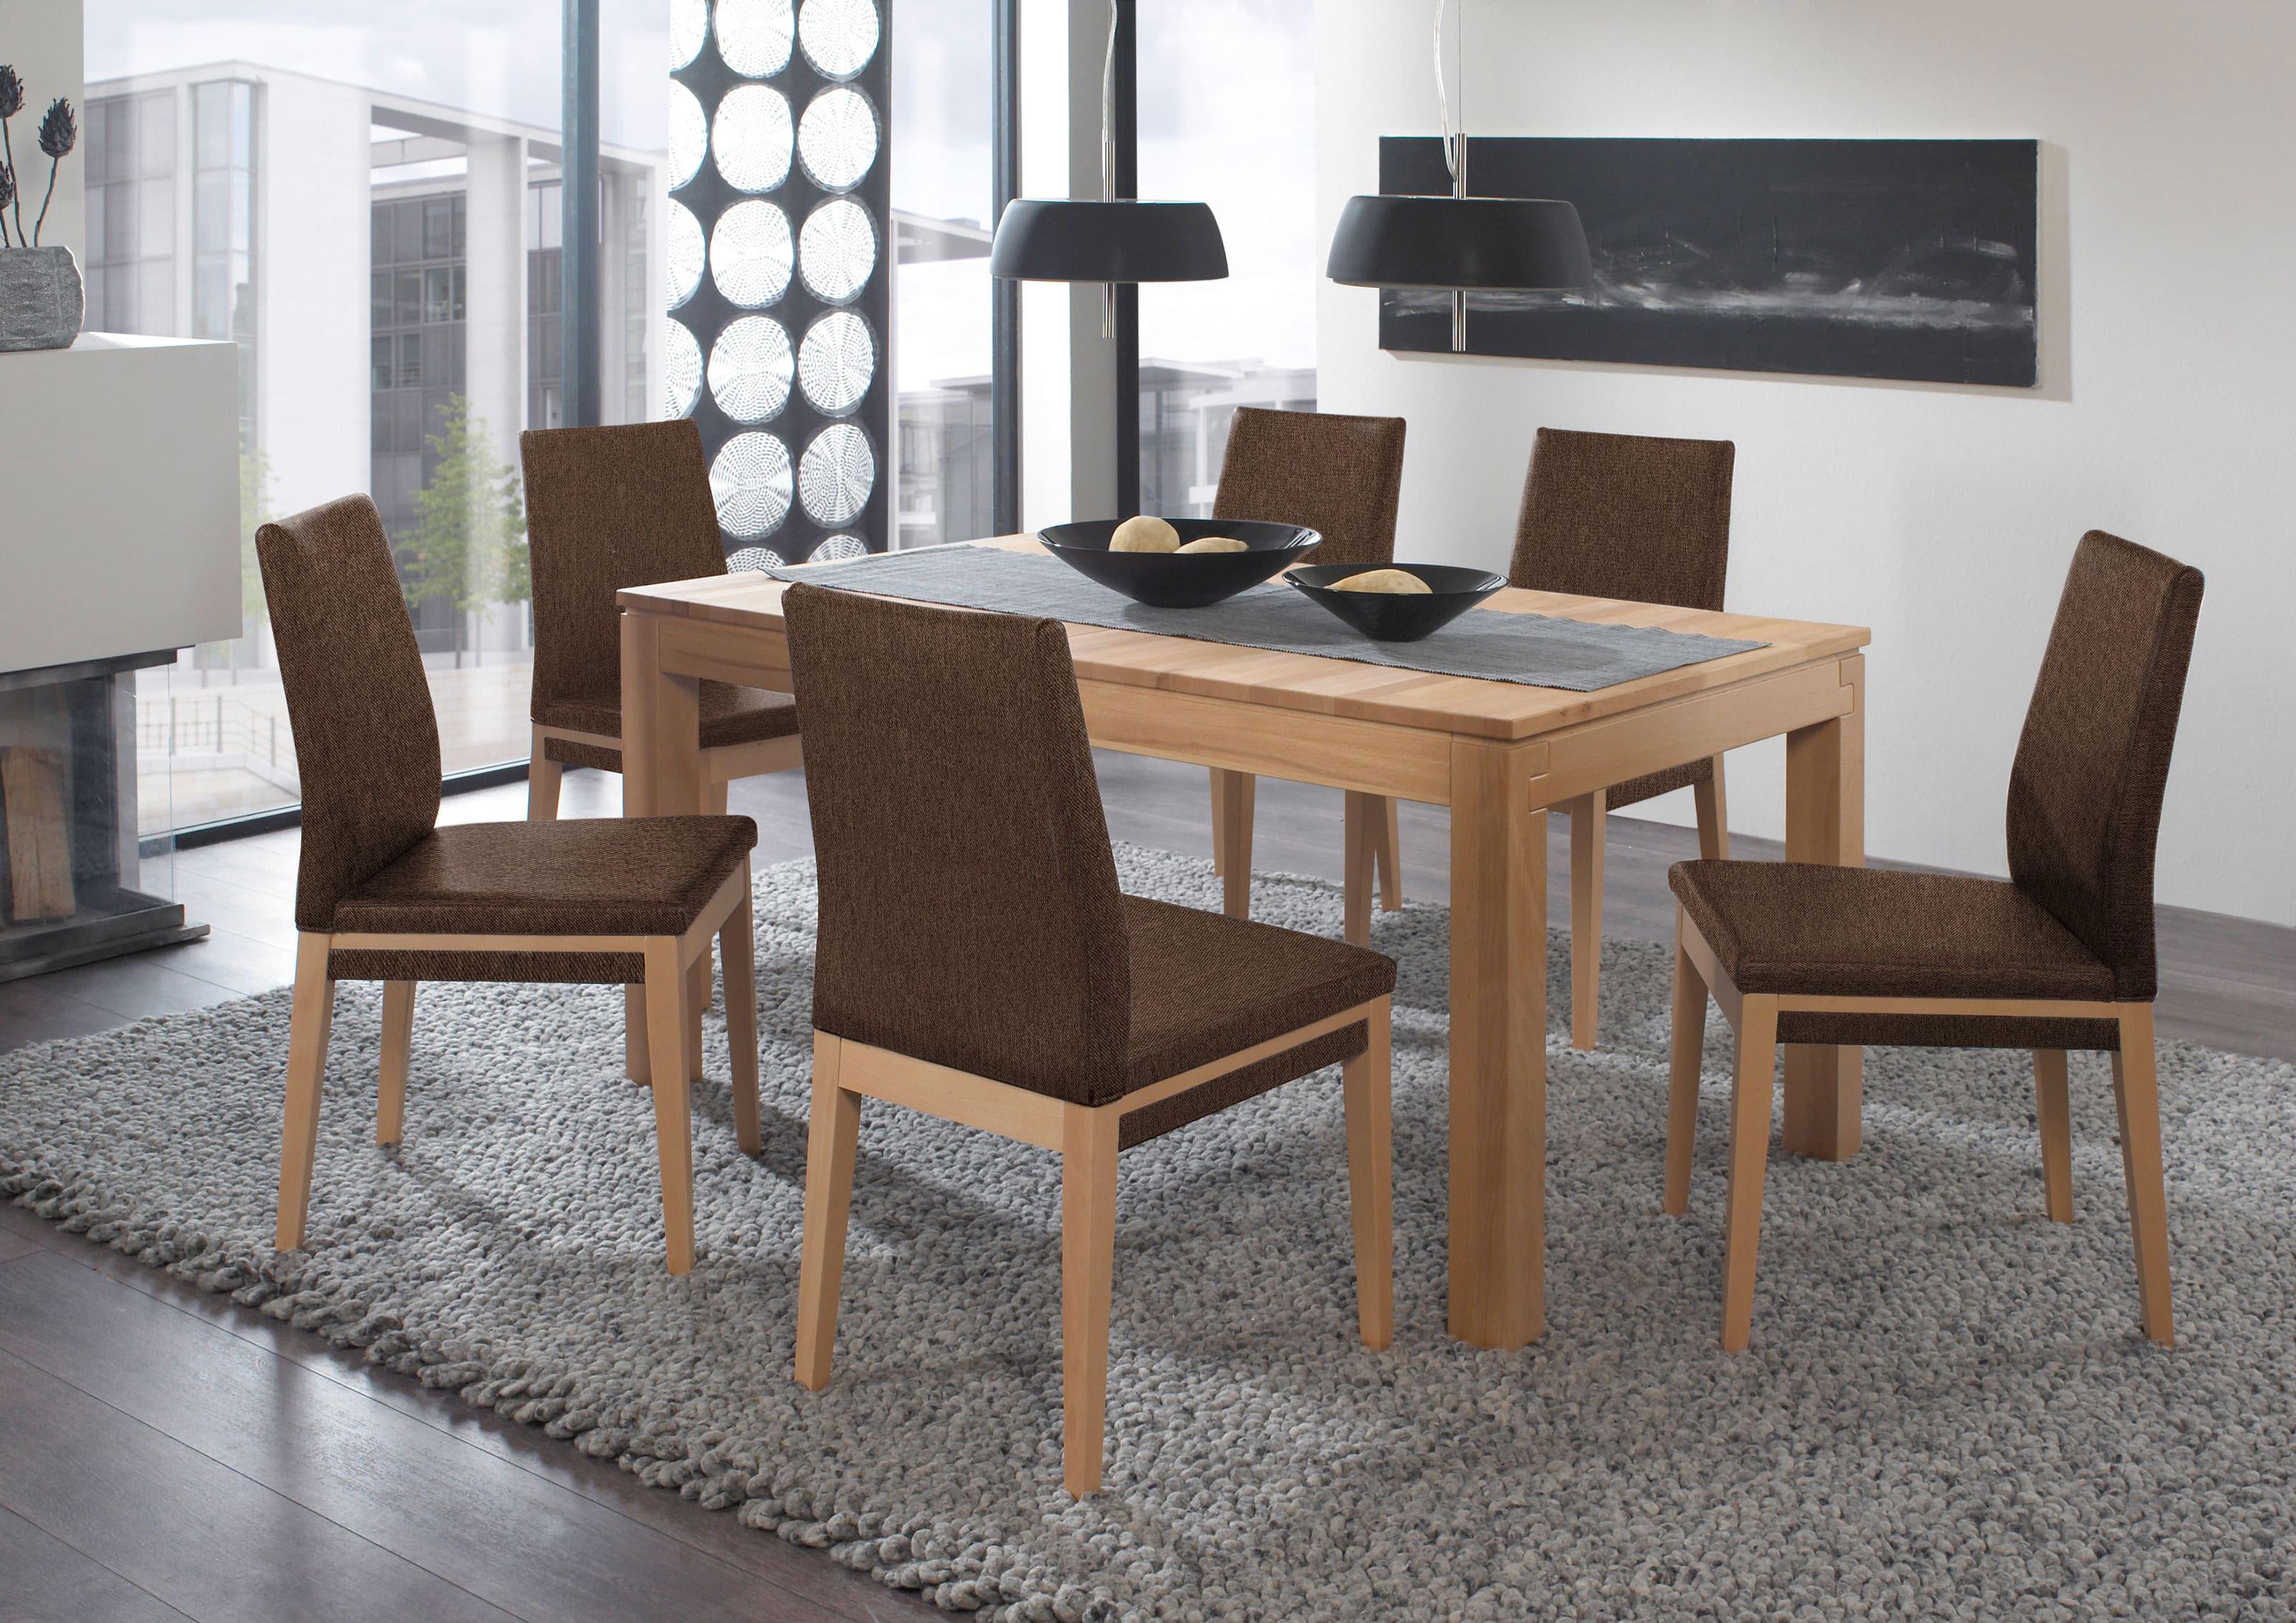 Standard Furniture Polsterstühle Santos mit Tisch Grado